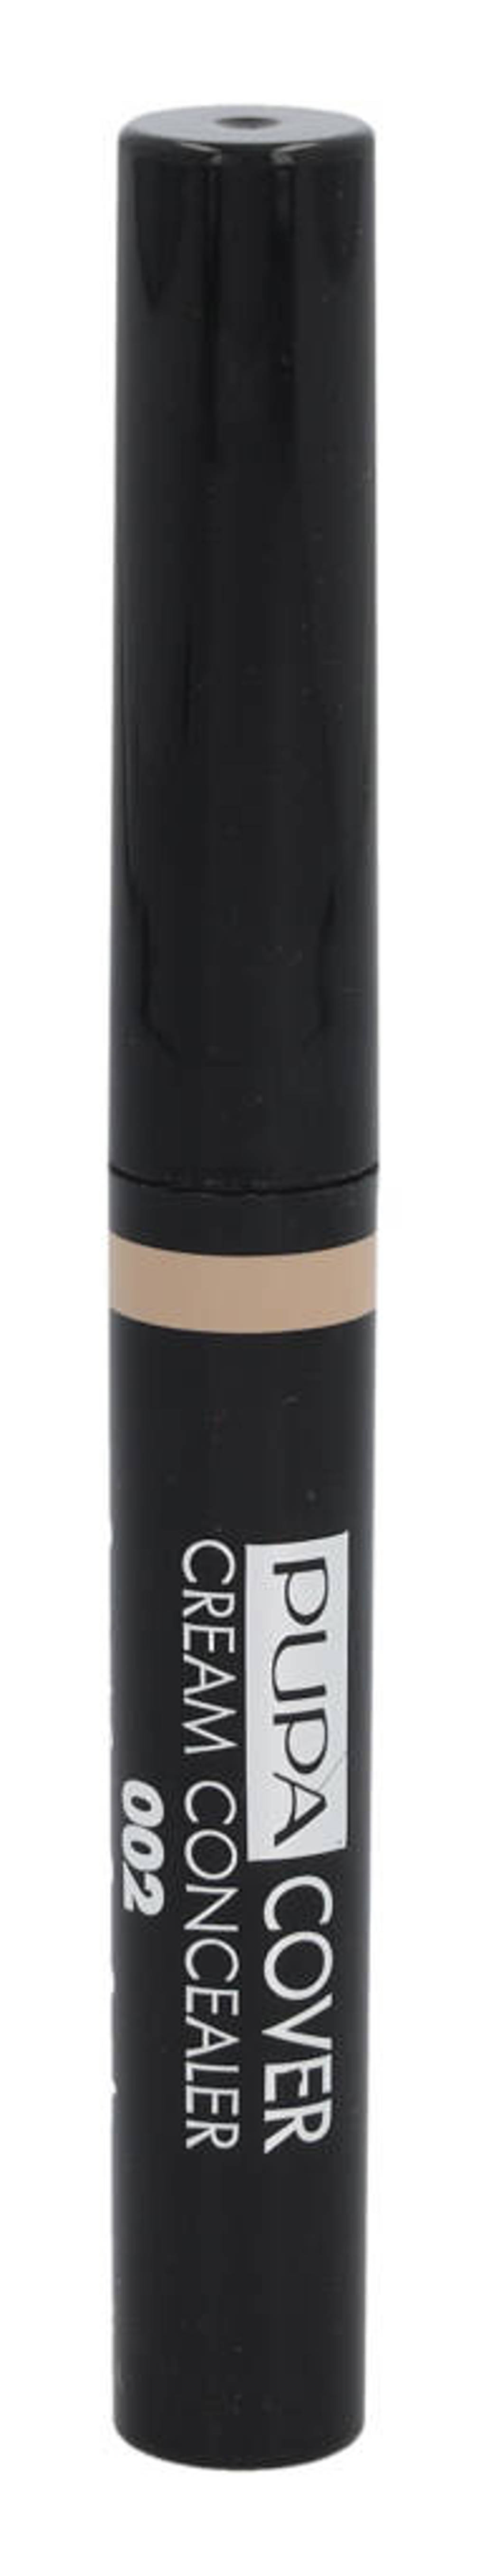 Pupa Milano Cover Cream concealer - 002 Beige